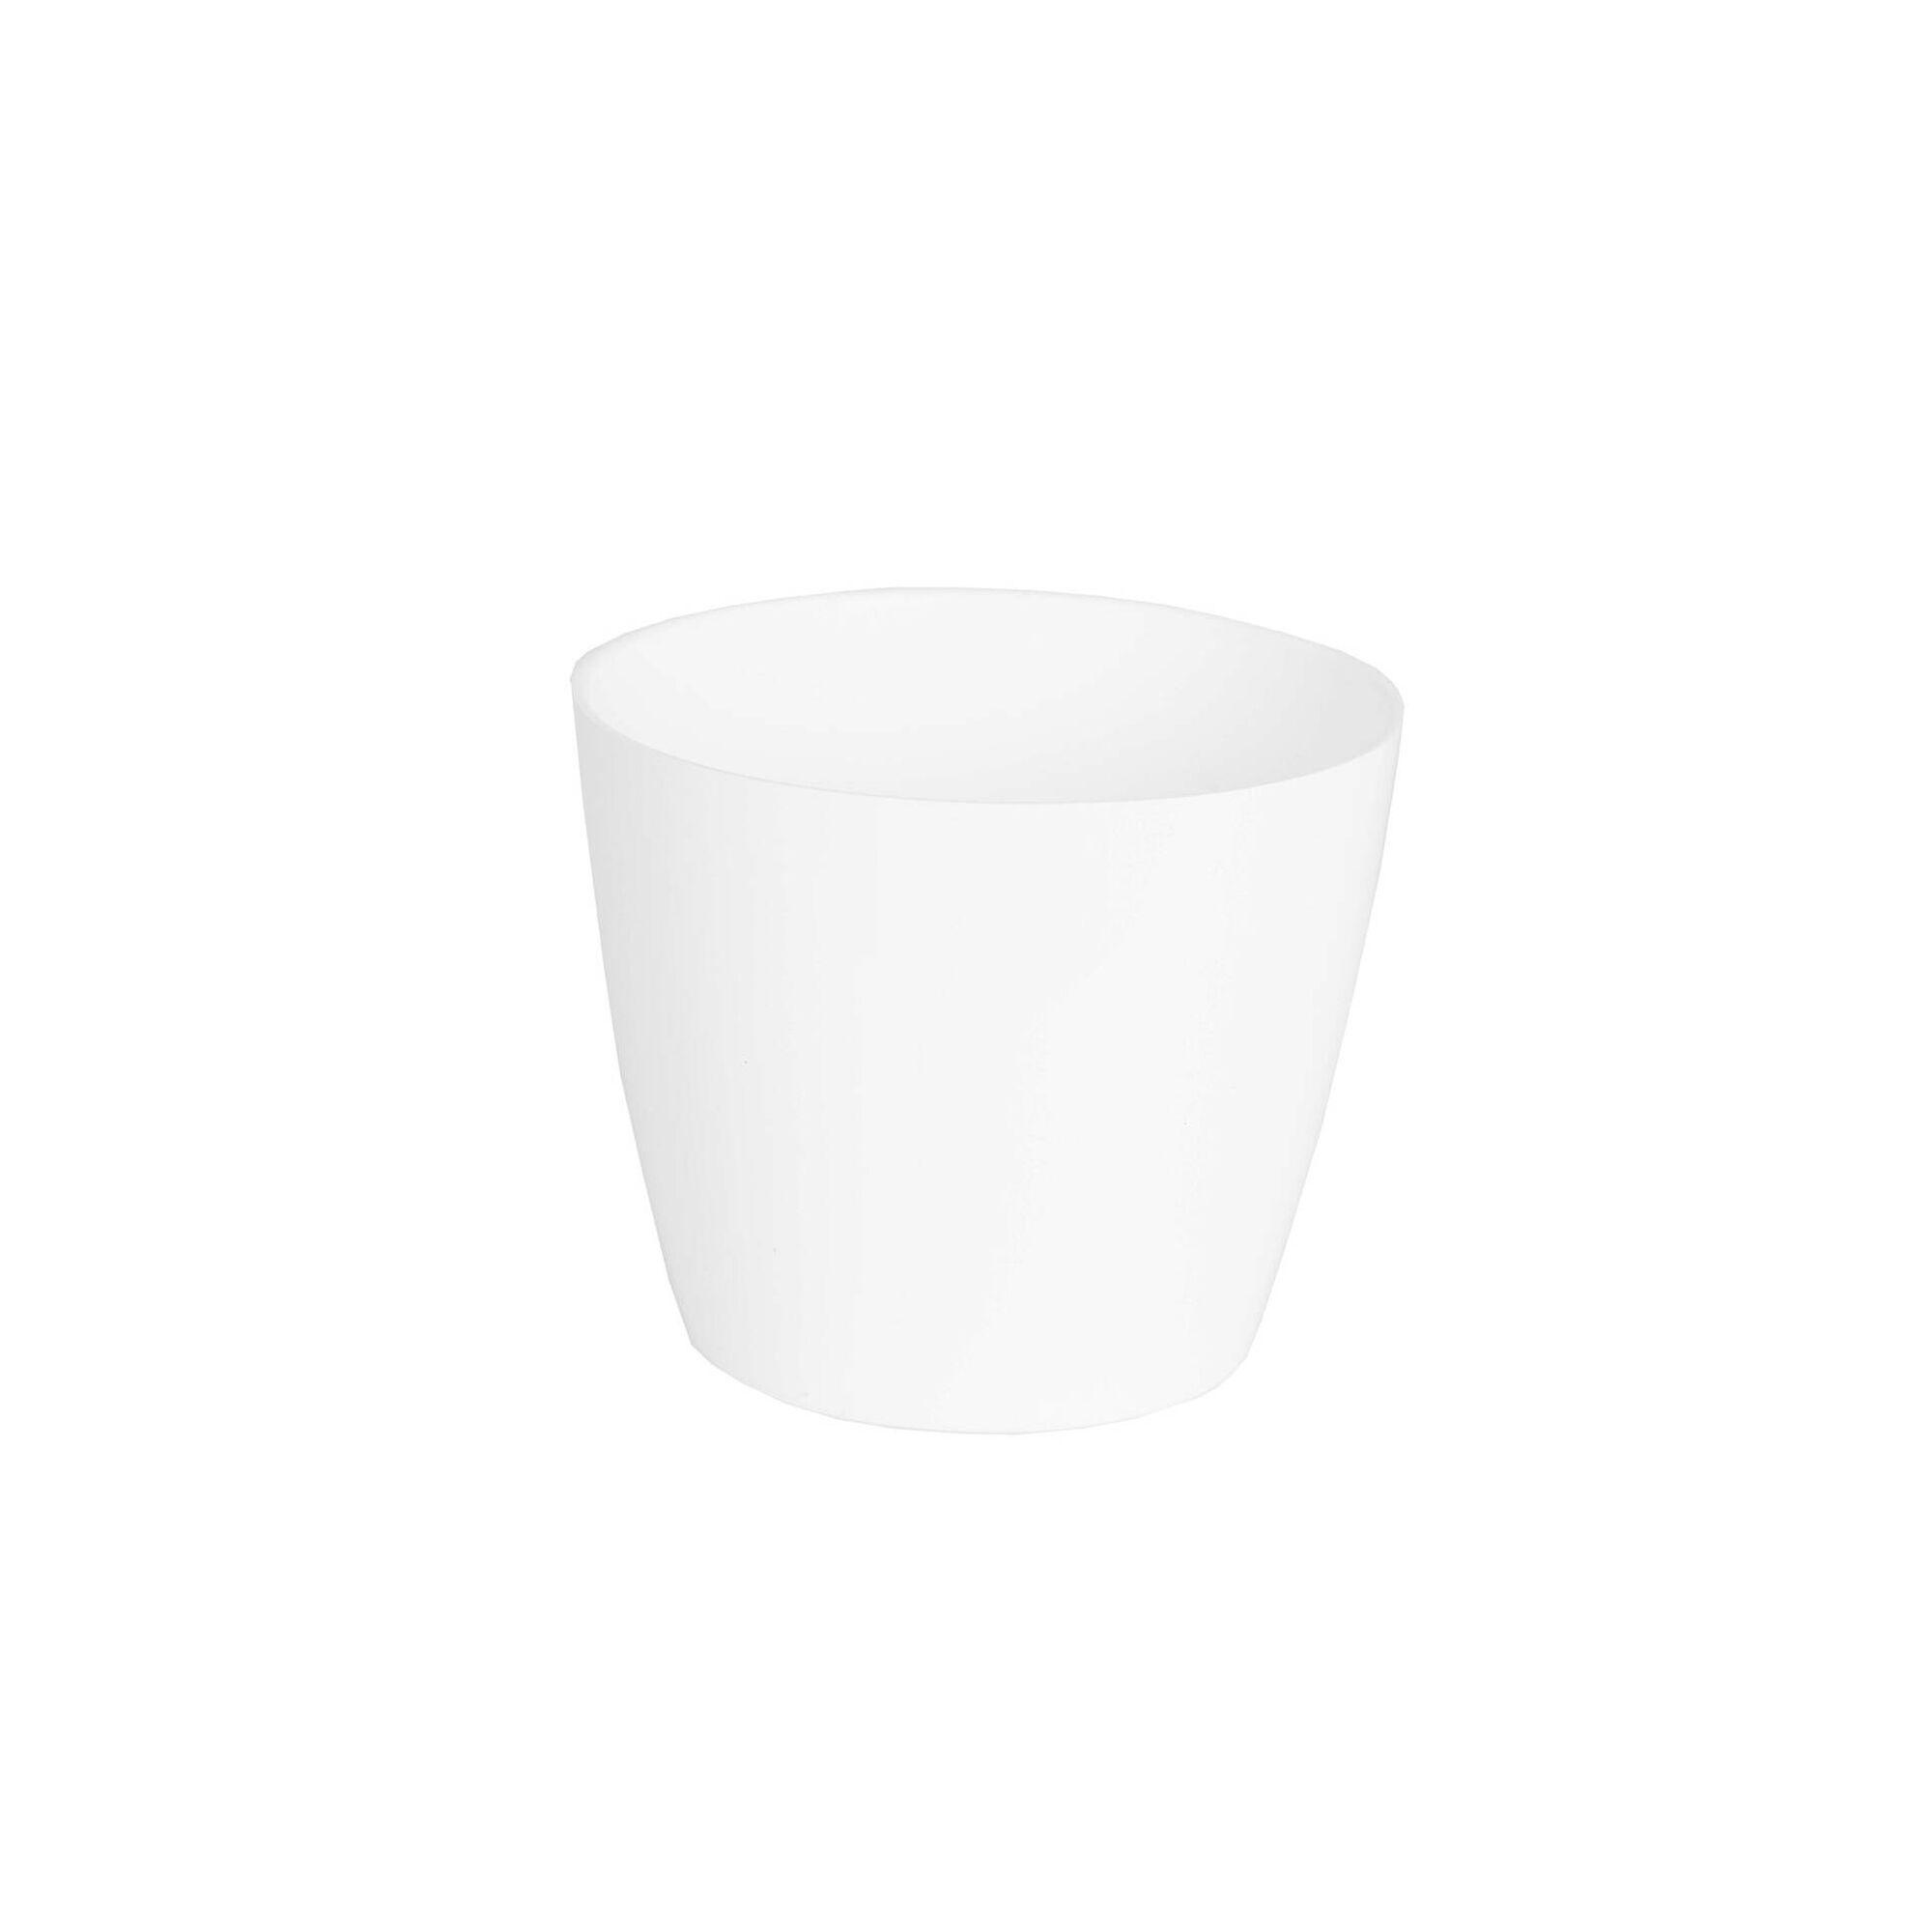 Vaso Redondo Plástico 6cm Branco